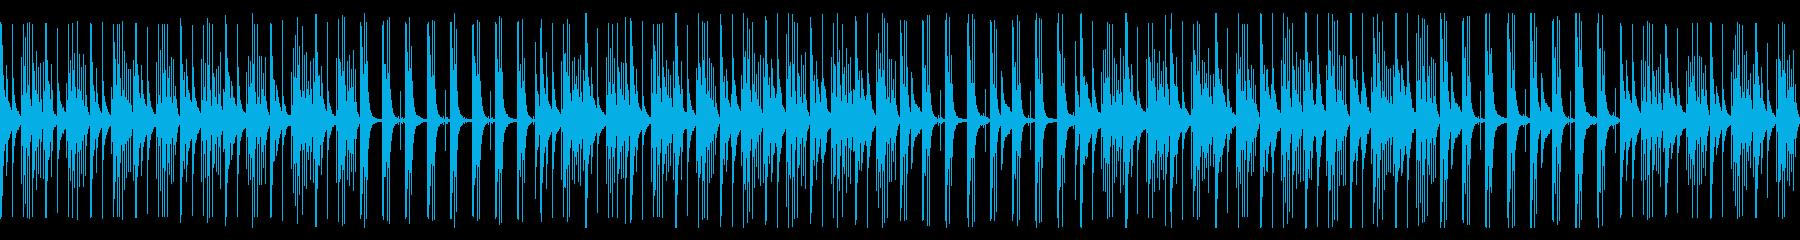 【ループ版】YouTube カリンバの再生済みの波形